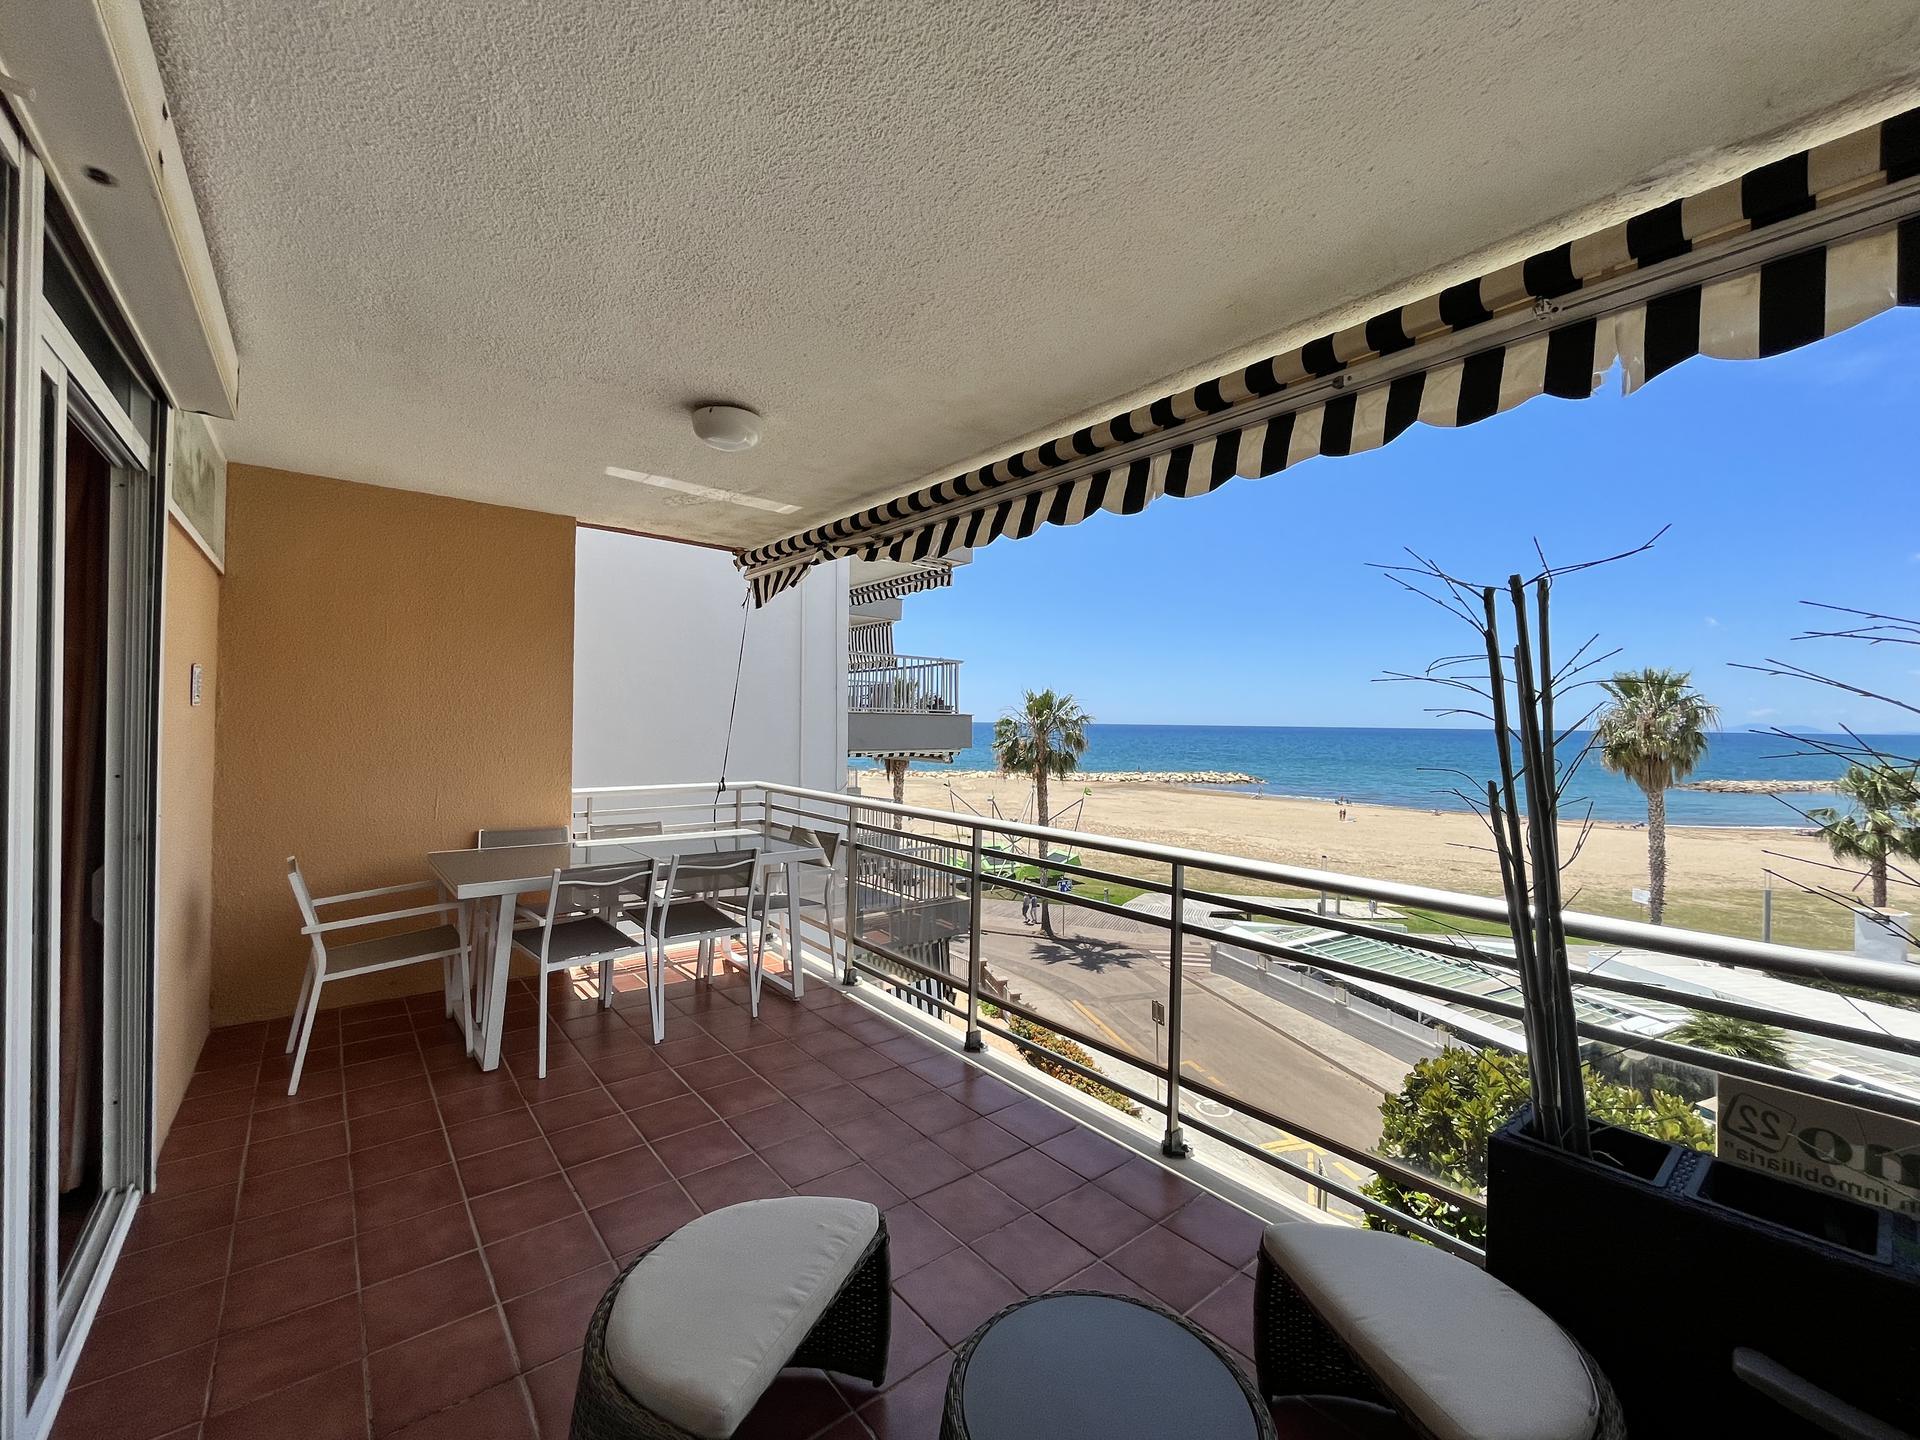 Apartament -                                       Cambrils -                                       3 dormitoris -                                       8 ocupants